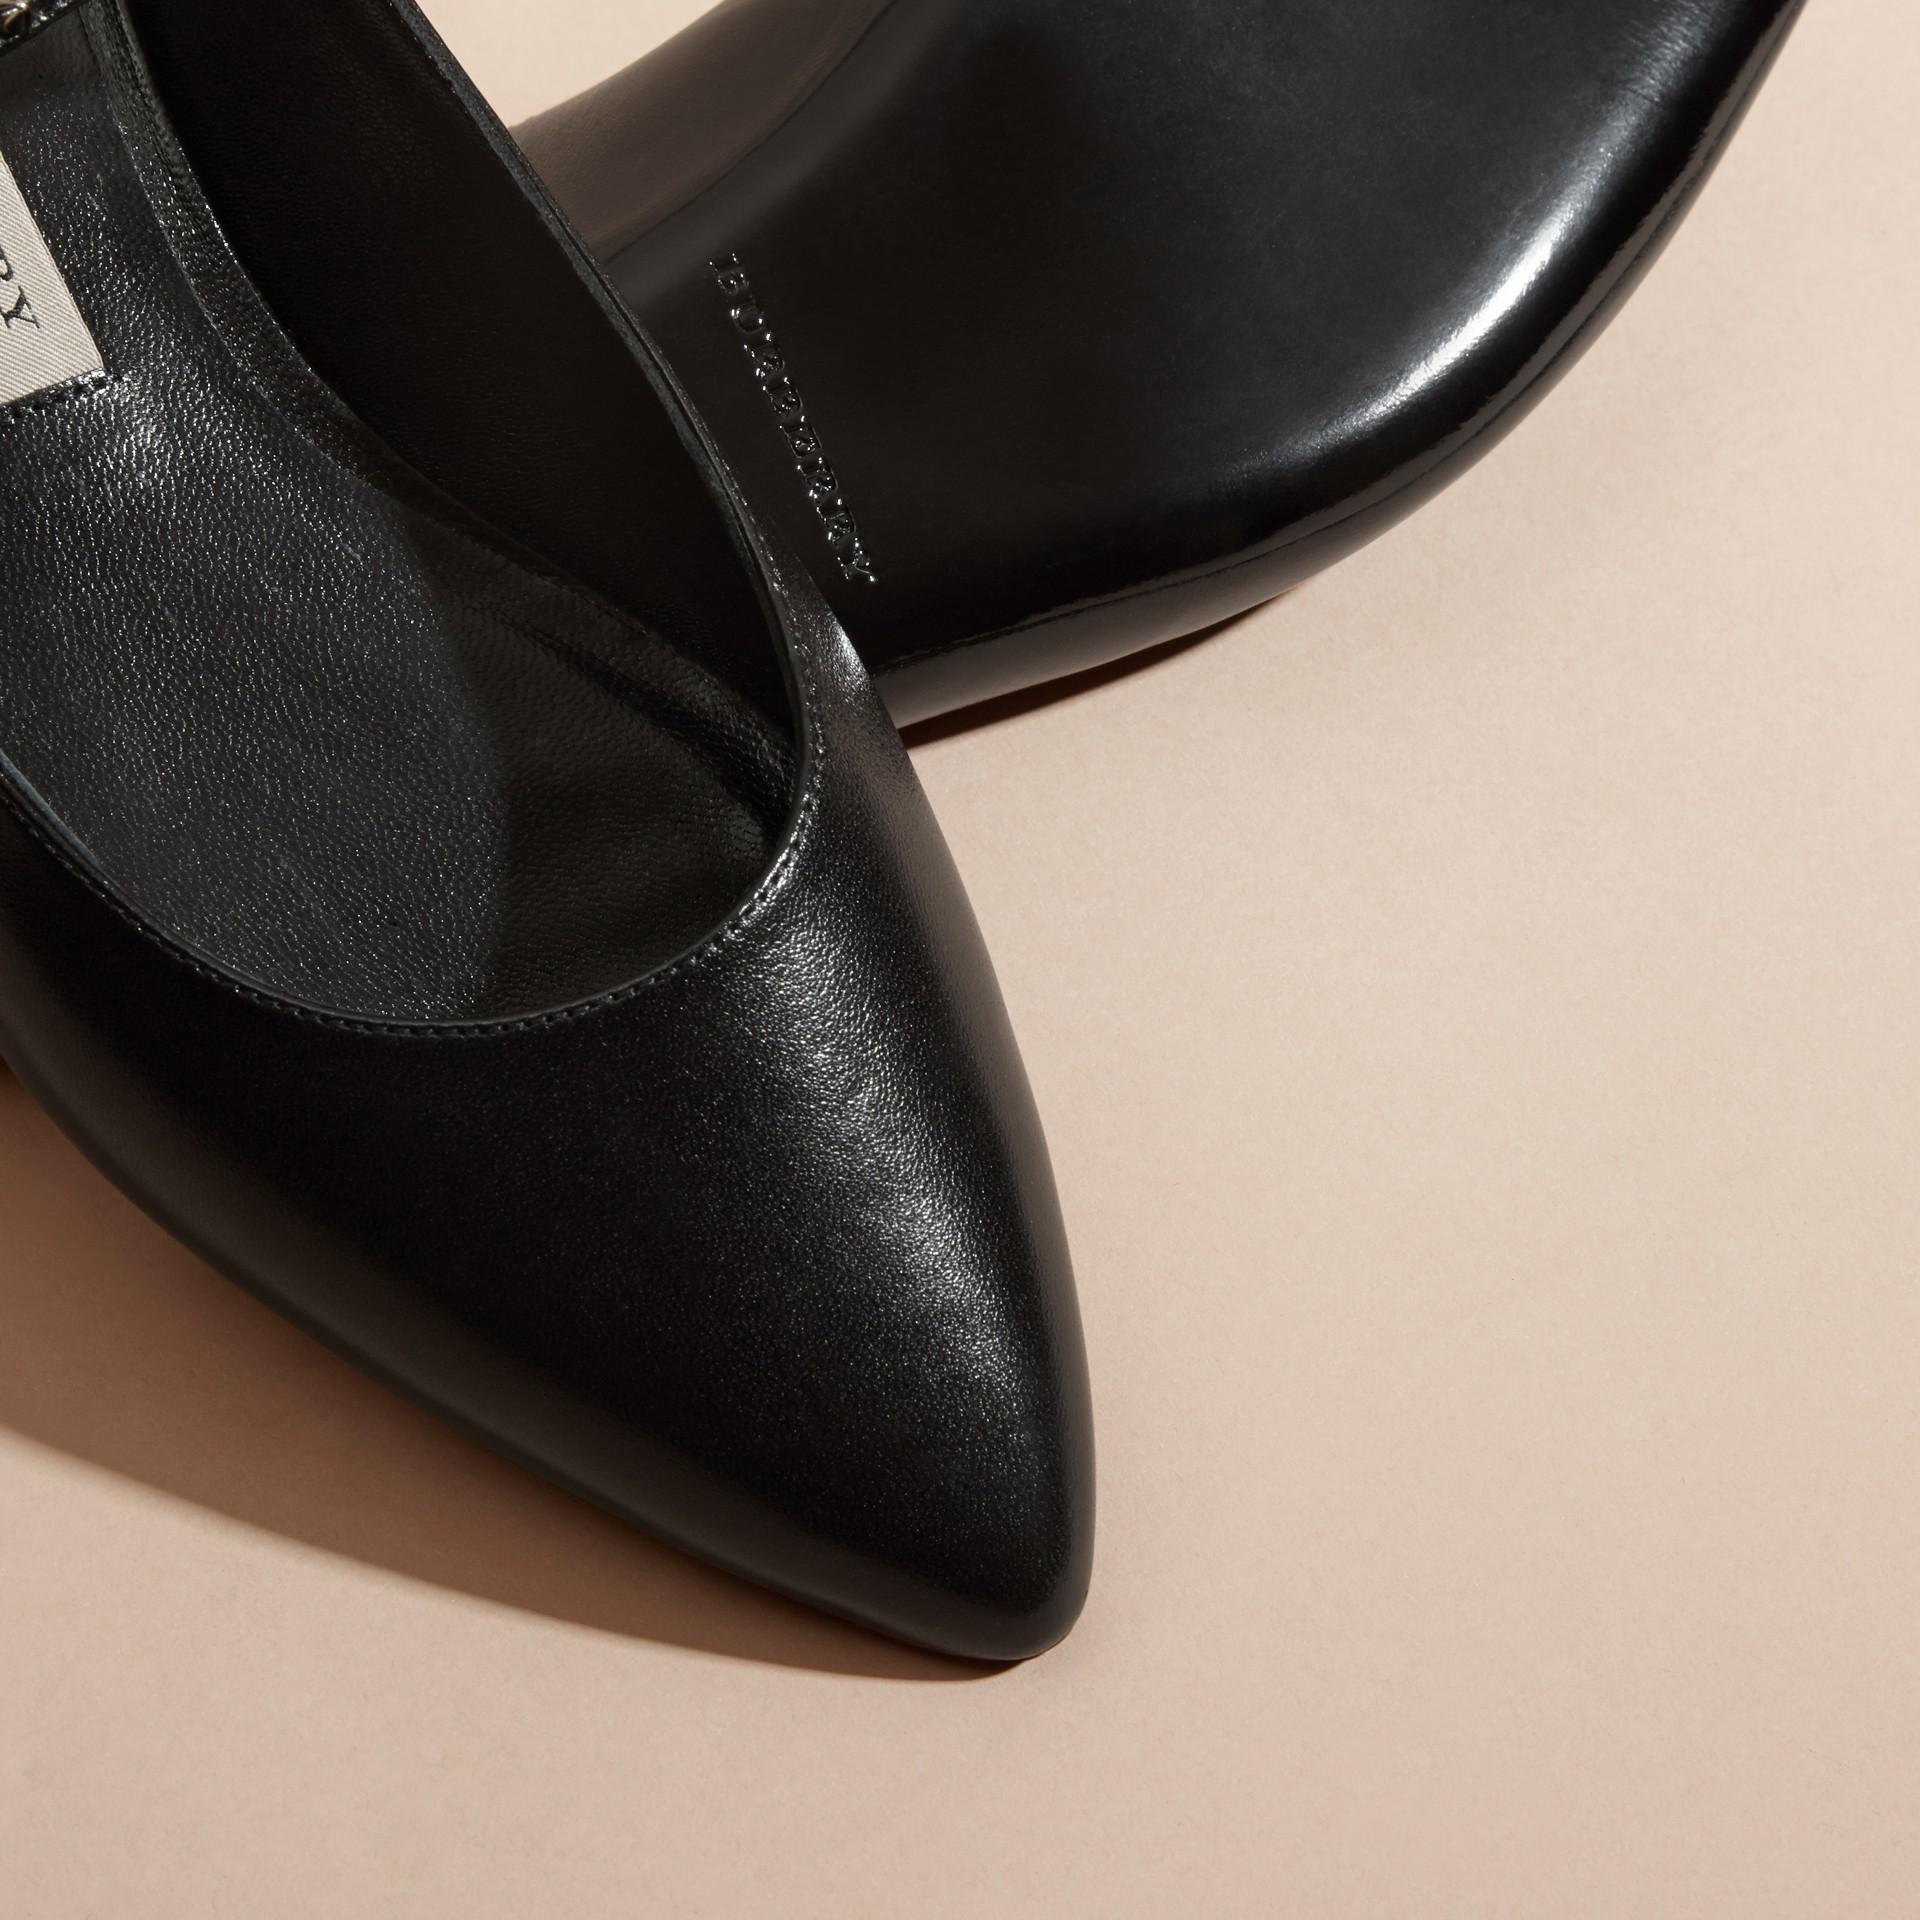 Nero Sandali tipo Chanel in pelle borchiata - immagine della galleria 5